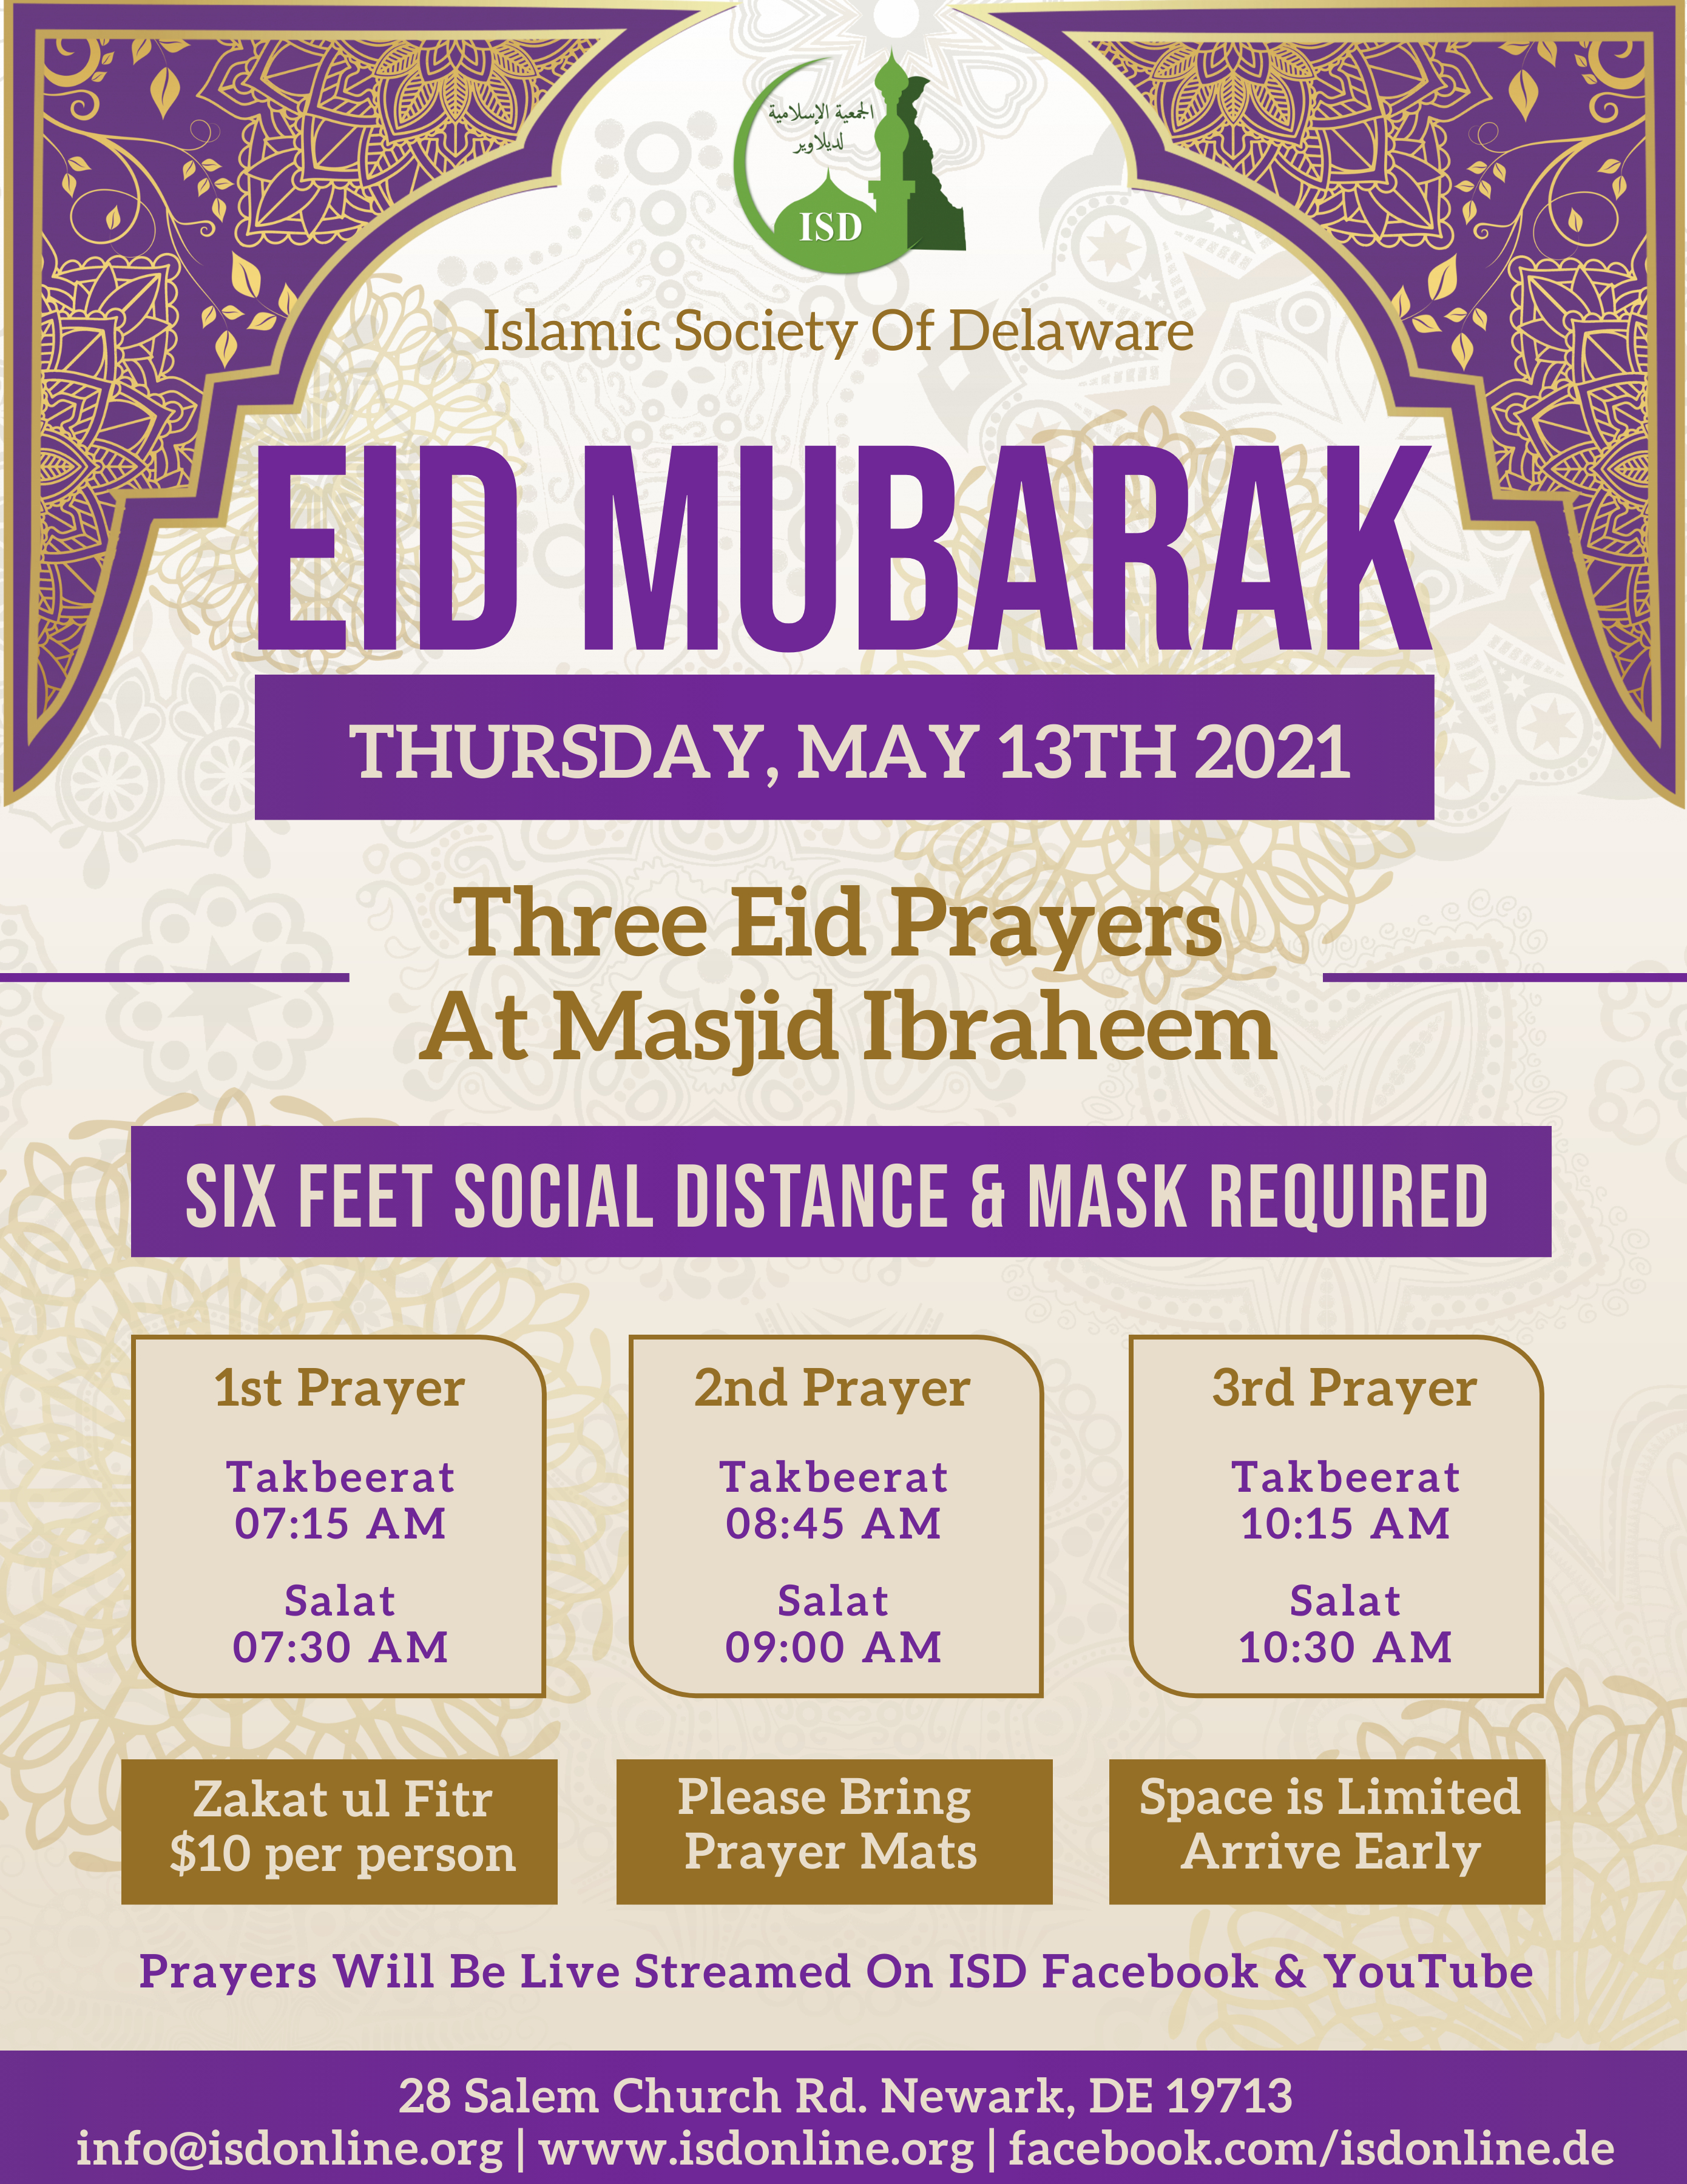 Eid-ul-Fitr on Thursday, May 13th